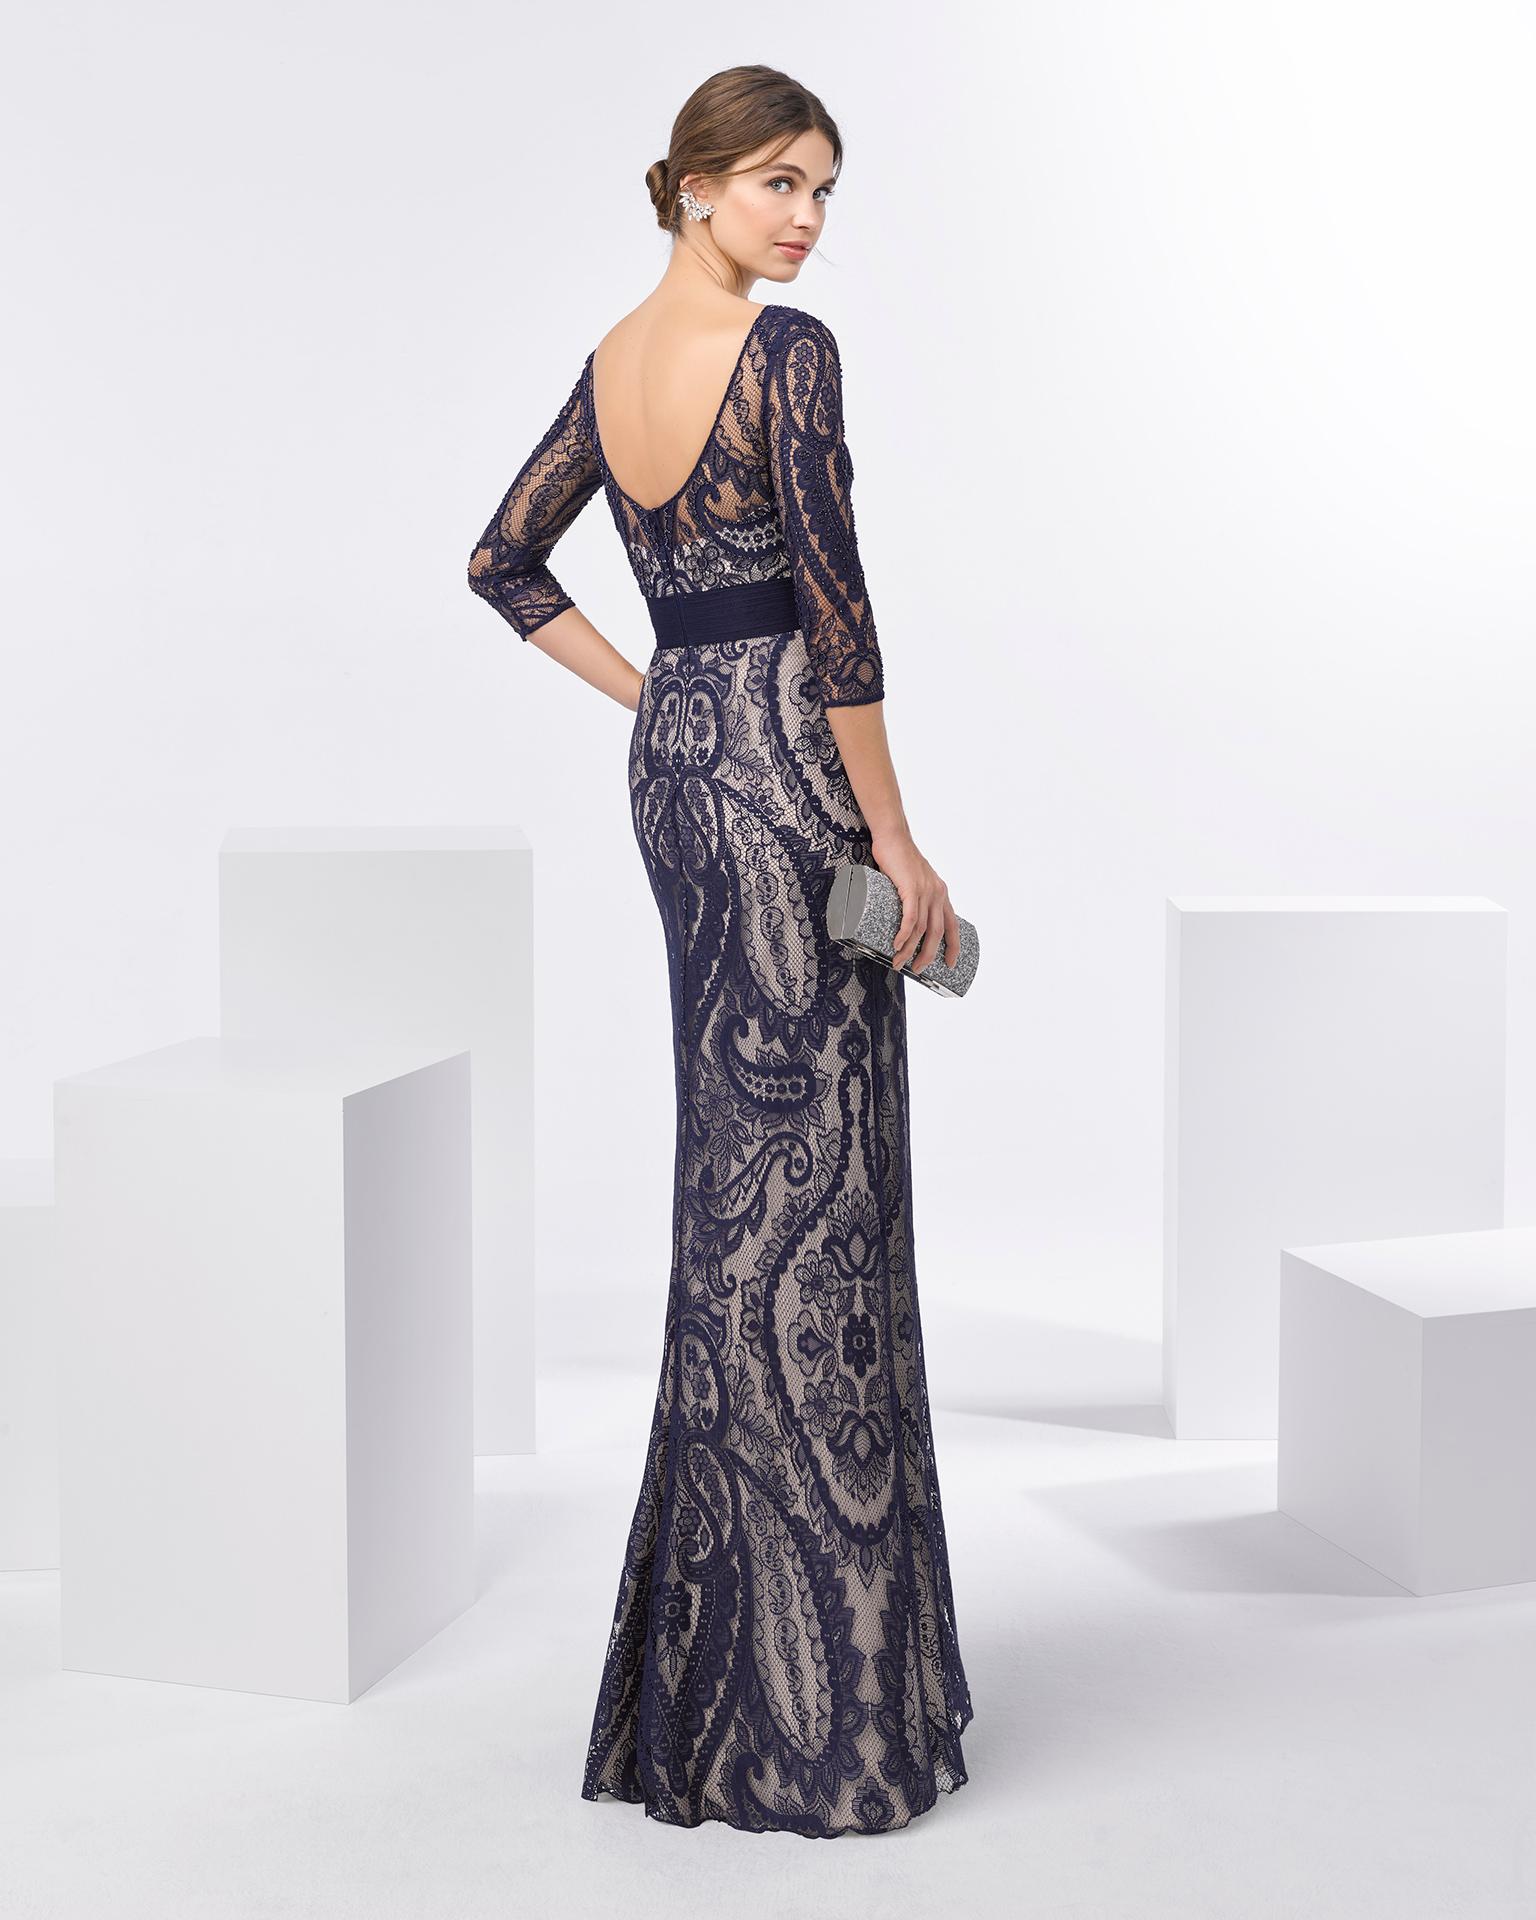 Rochie de cocktail lungă din dantelă cu strasuri, cu decolteu în V și mânecă trei sferturi. Disponibilă în culorile bleumarin, negru/nude și argintiu. Colecția FIESTA AIRE BARCELONA 2018.